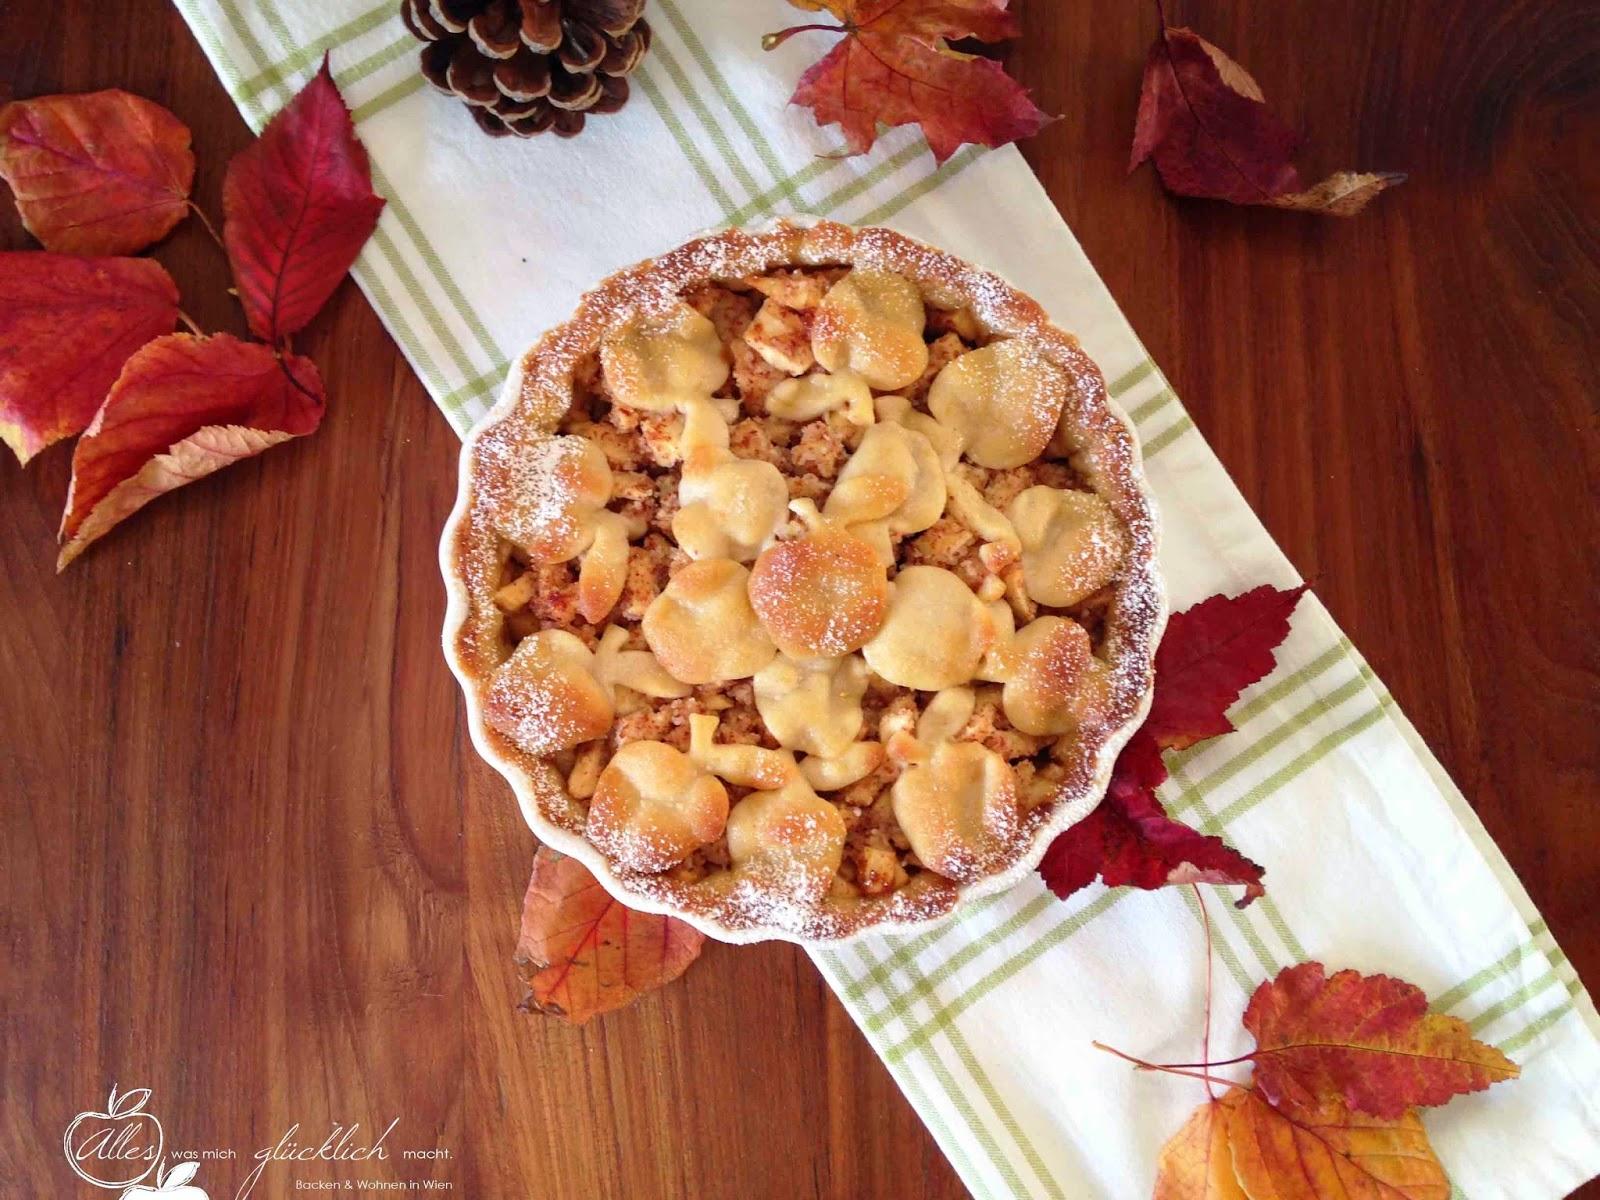 Herbstliche Apfel-Waldhonig-Nuss-Tarte Barbara Priesching